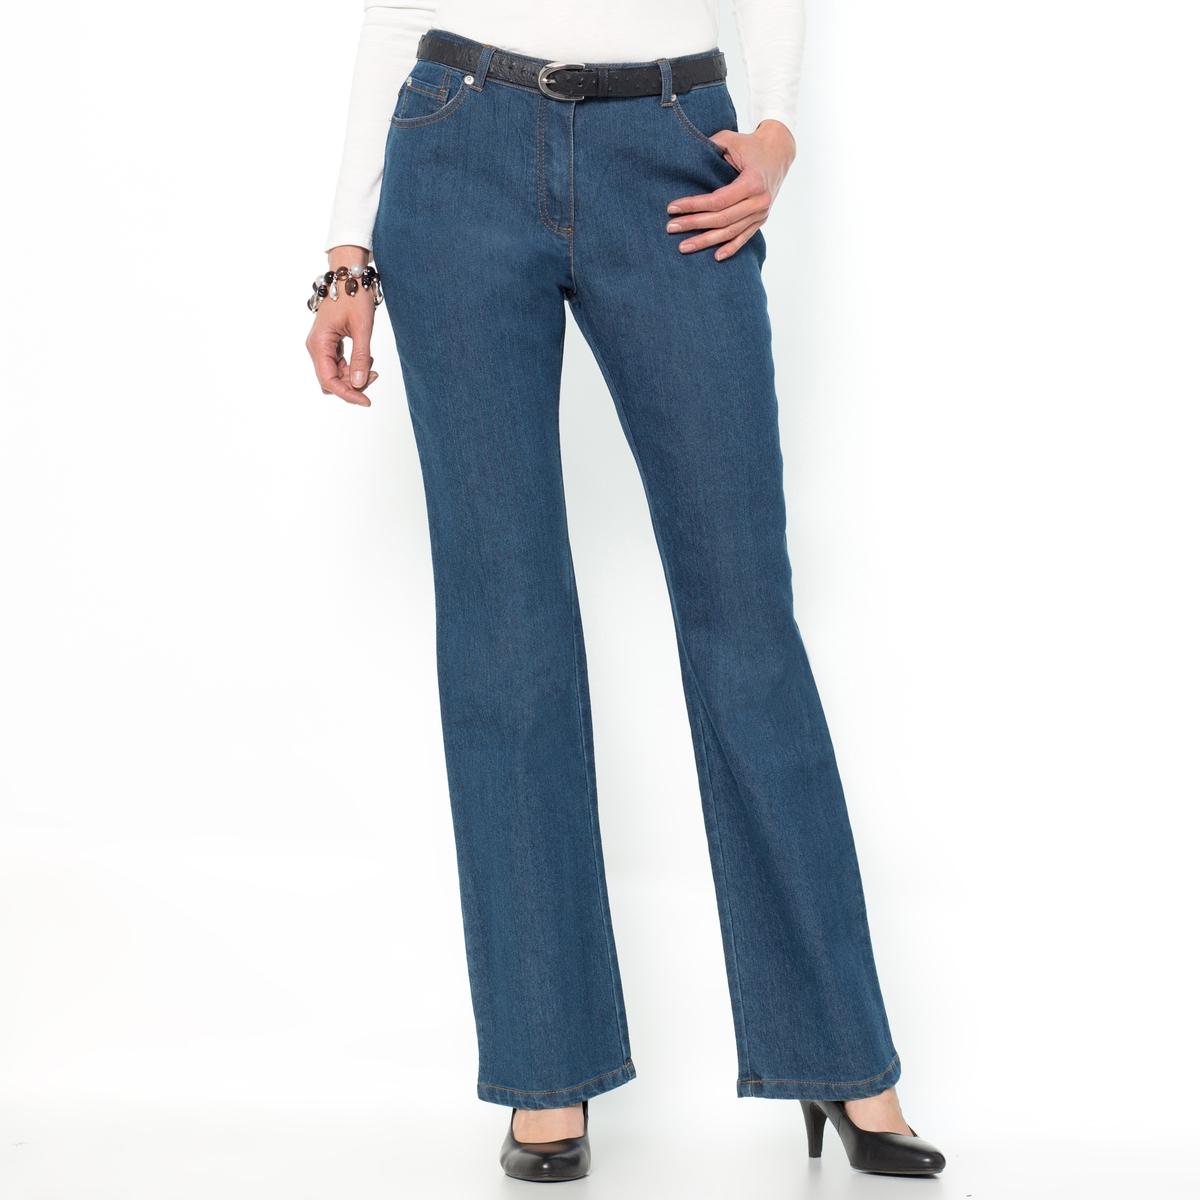 Джинсы расклешенного покроя из денима стретчДжинсы расклешенного покроя с 5 карманами из денима стретч. Ультраженственные.   Слегка расклешенный низ брючин, покрой джинсов идеально подчеркивает женский силуэт. Карманы с вышивкой сзади.   Контрастная строчка.Состав и описание :Материал : деним стретч 73% хлопка, 26% полиэстера, 2% эластана. Длина по внутр.шву 78 см, ширина по низу 24 см.Марка : Anne WeyburnУход :Машинная стирка при 30°С в умеренном режиме с изнаночной стороны с вещами схожих цветов.Гладить при умеренной температуре с изнаночной стороны.<br><br>Цвет: синий потертый<br>Размер: 46 (FR) - 52 (RUS).40 (FR) - 46 (RUS)